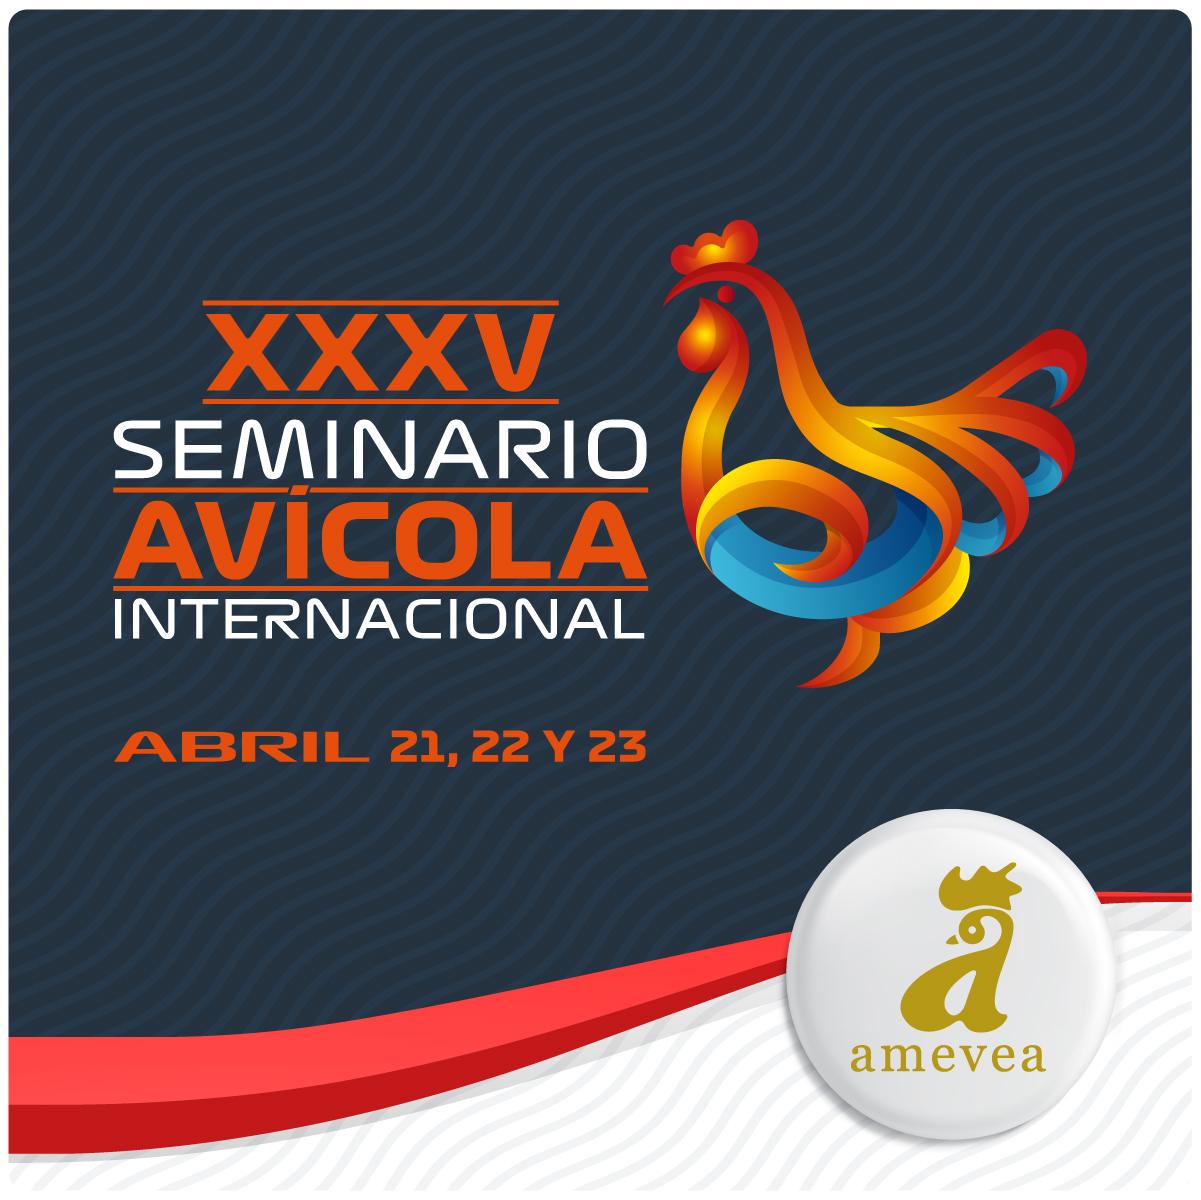 semianrio_avicola_2020-a